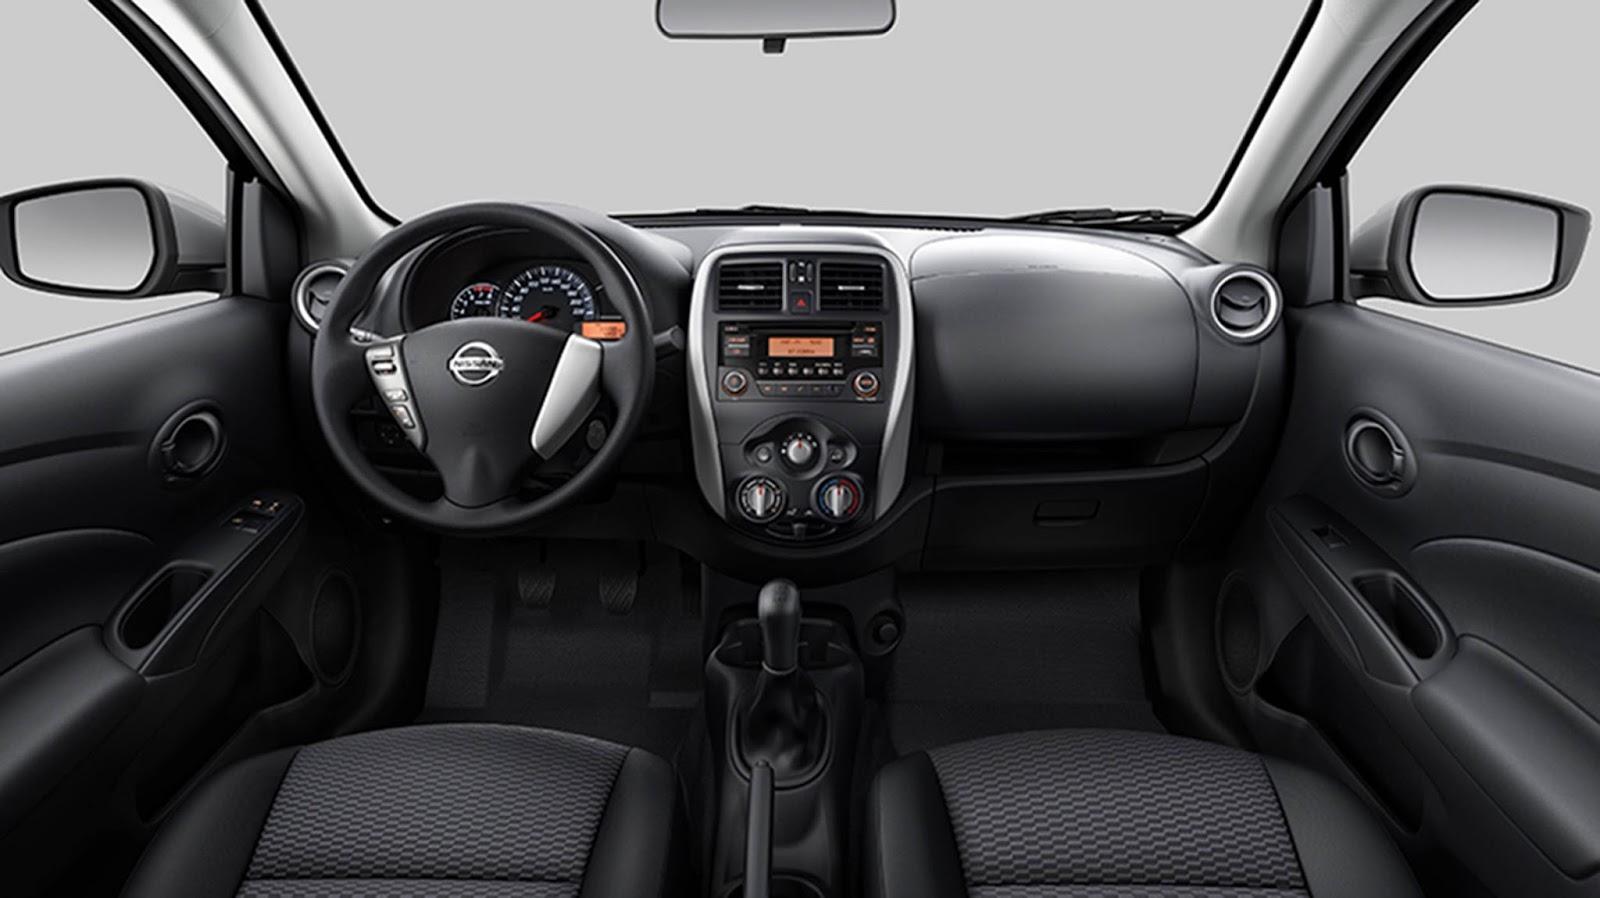 Novo Nissan Versa 2015: preços, consumo e especificações ...